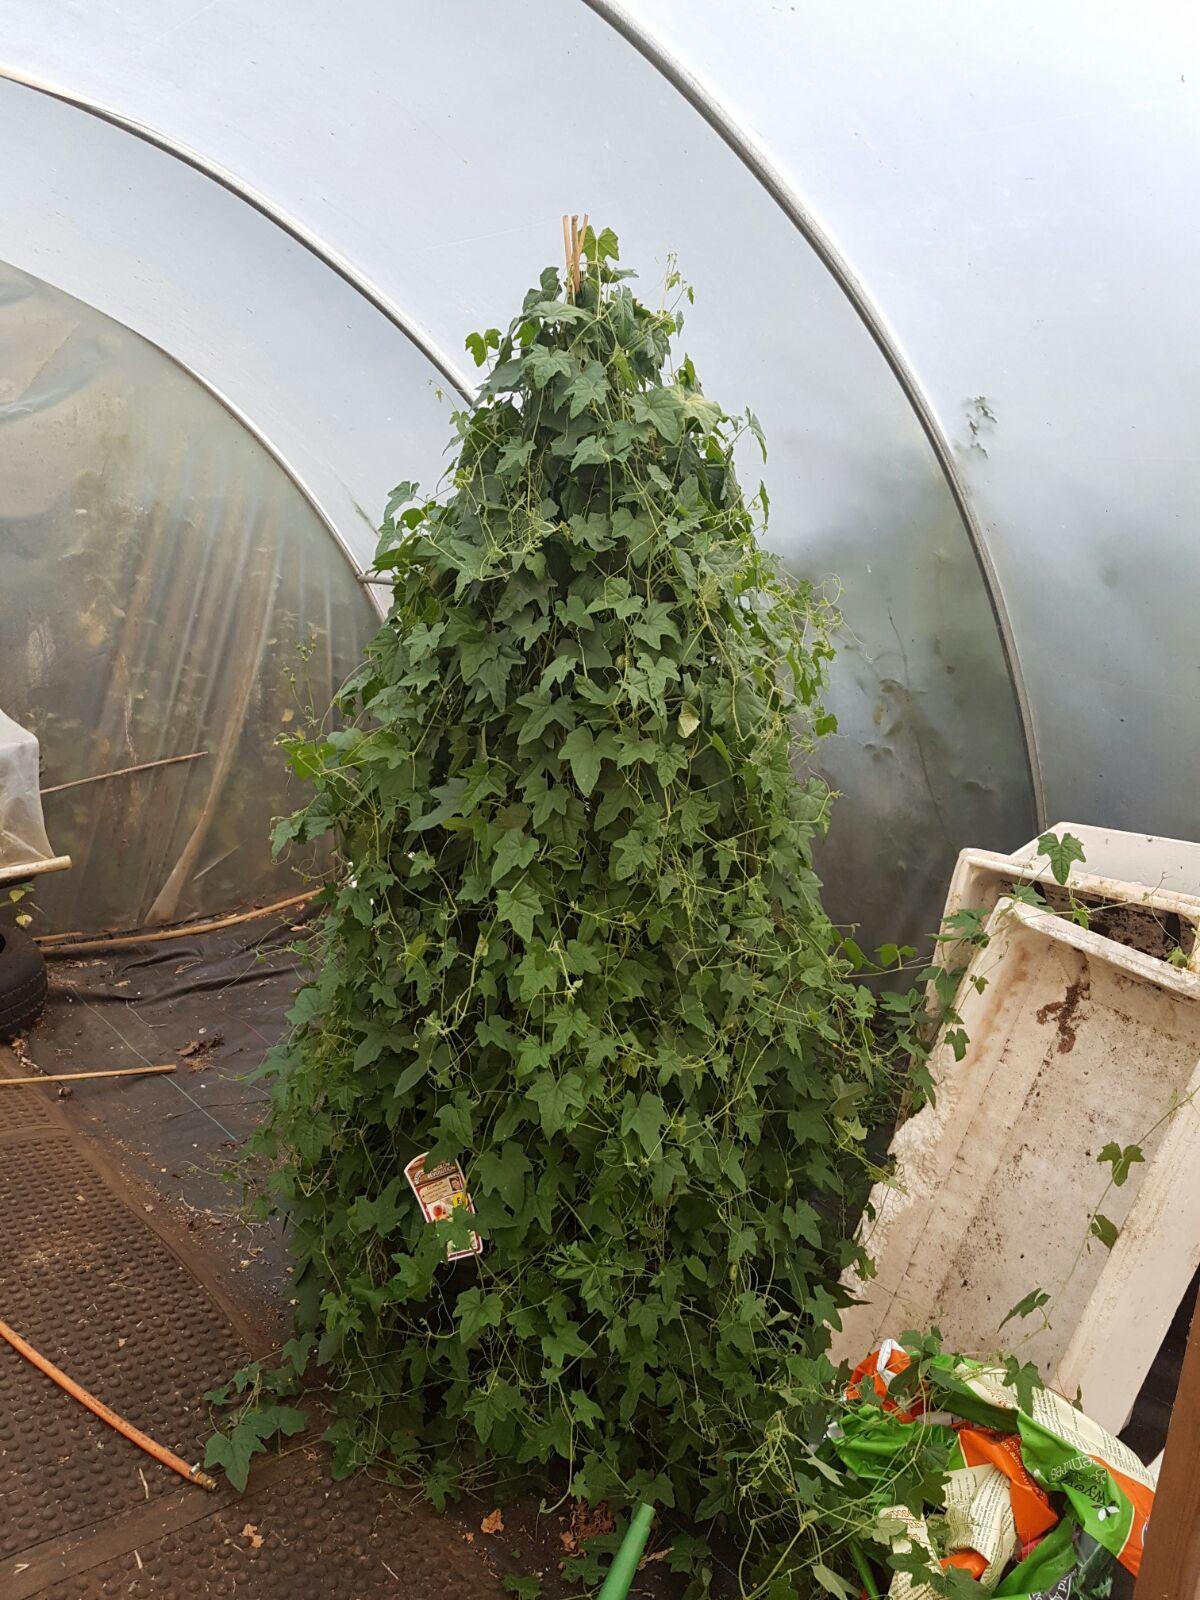 Cucamelon plant